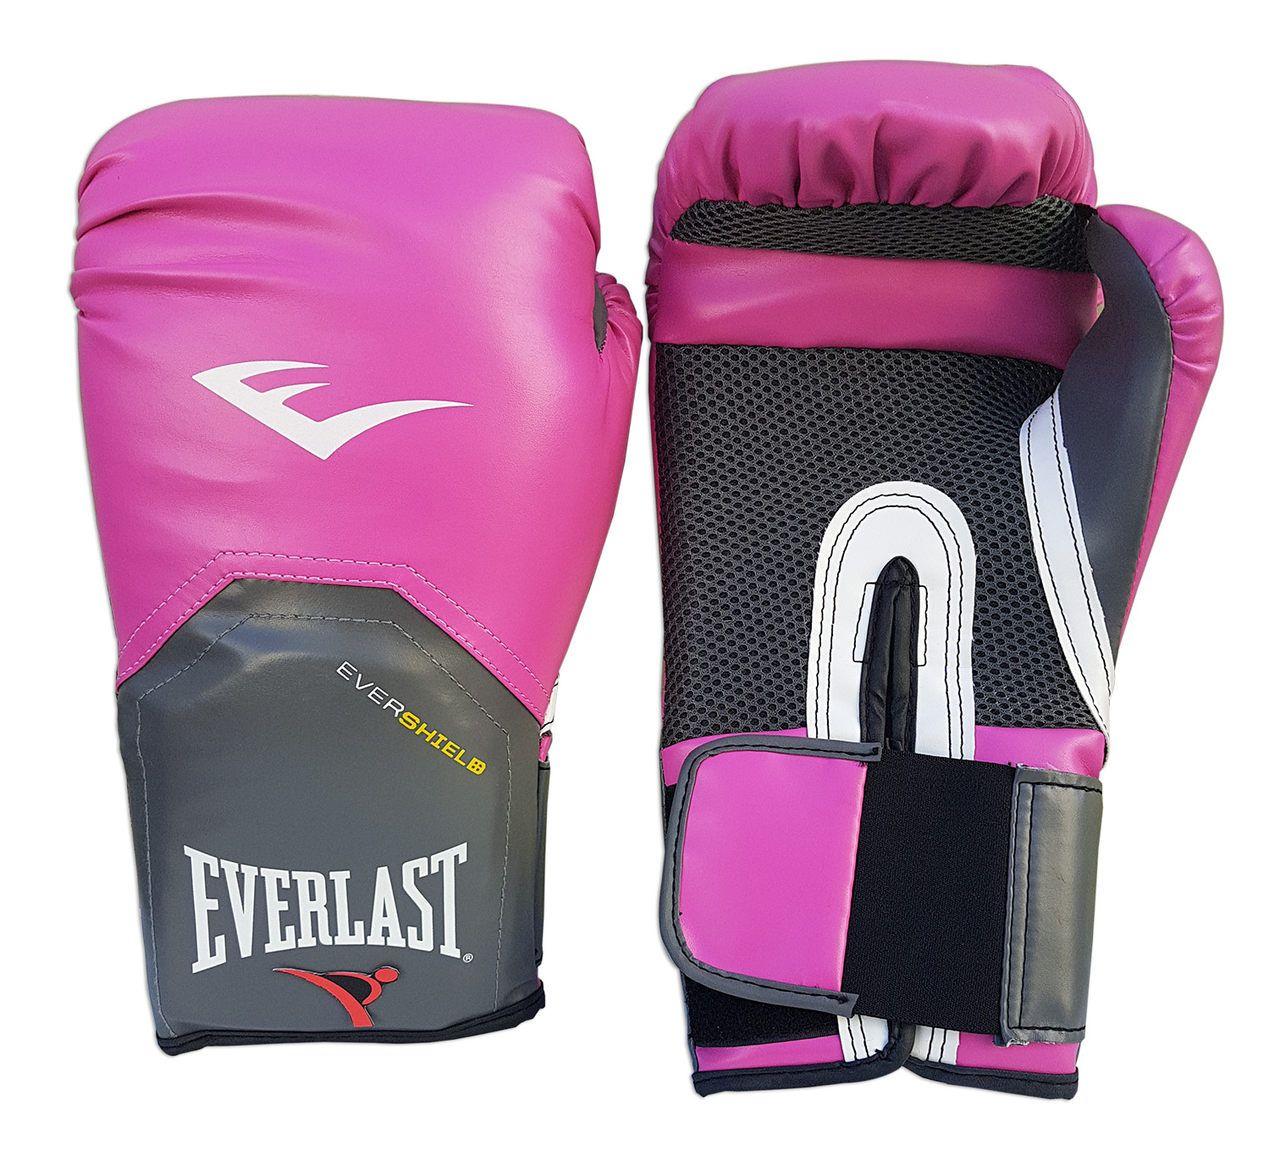 Kit de Boxe / Muay Thai Feminino 12oz - Rosa - Pro Style - Everlast  - PRALUTA SHOP